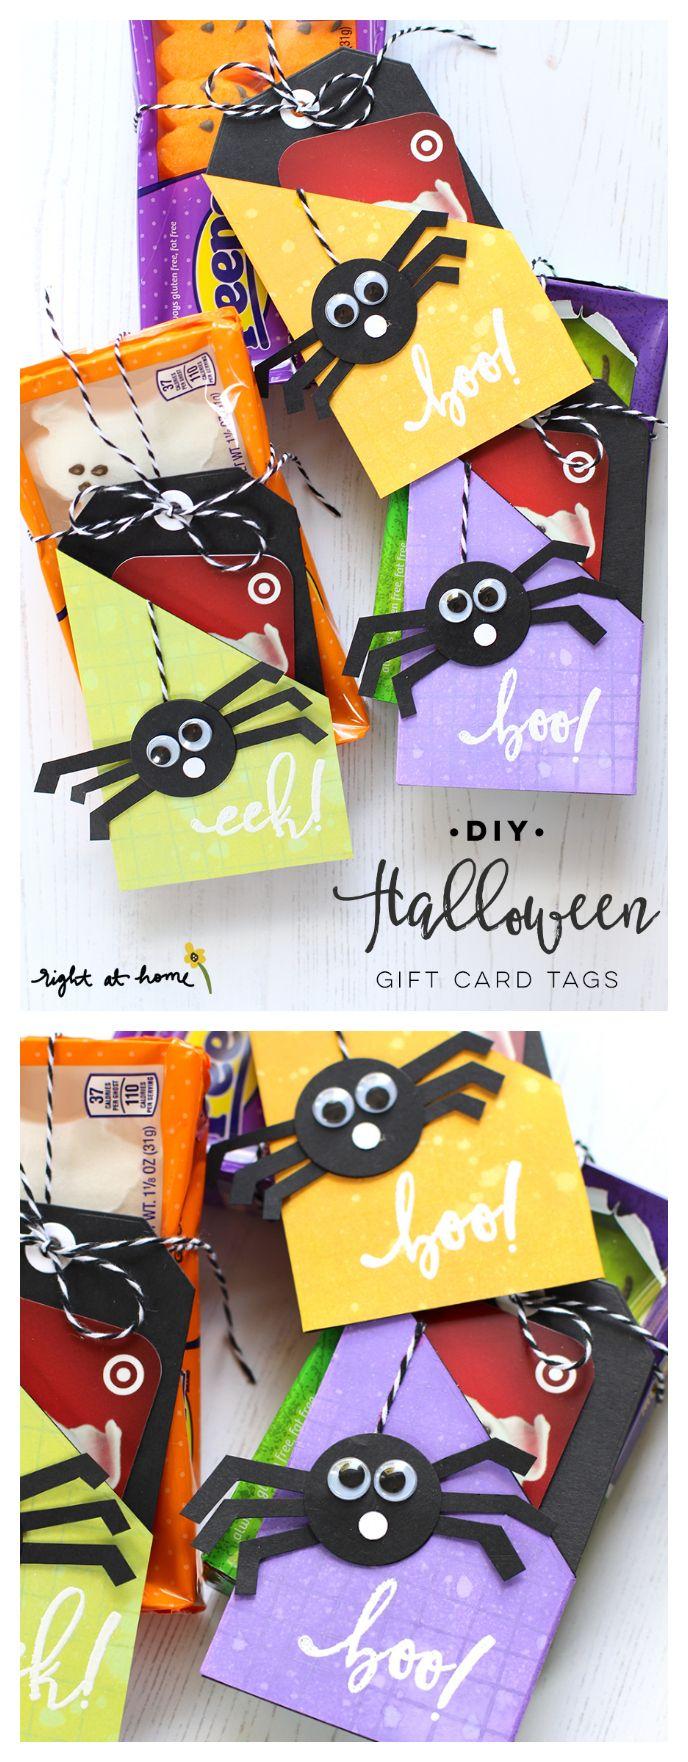 DIY Halloween Gift Card Tags | Halloween Gift Ideas